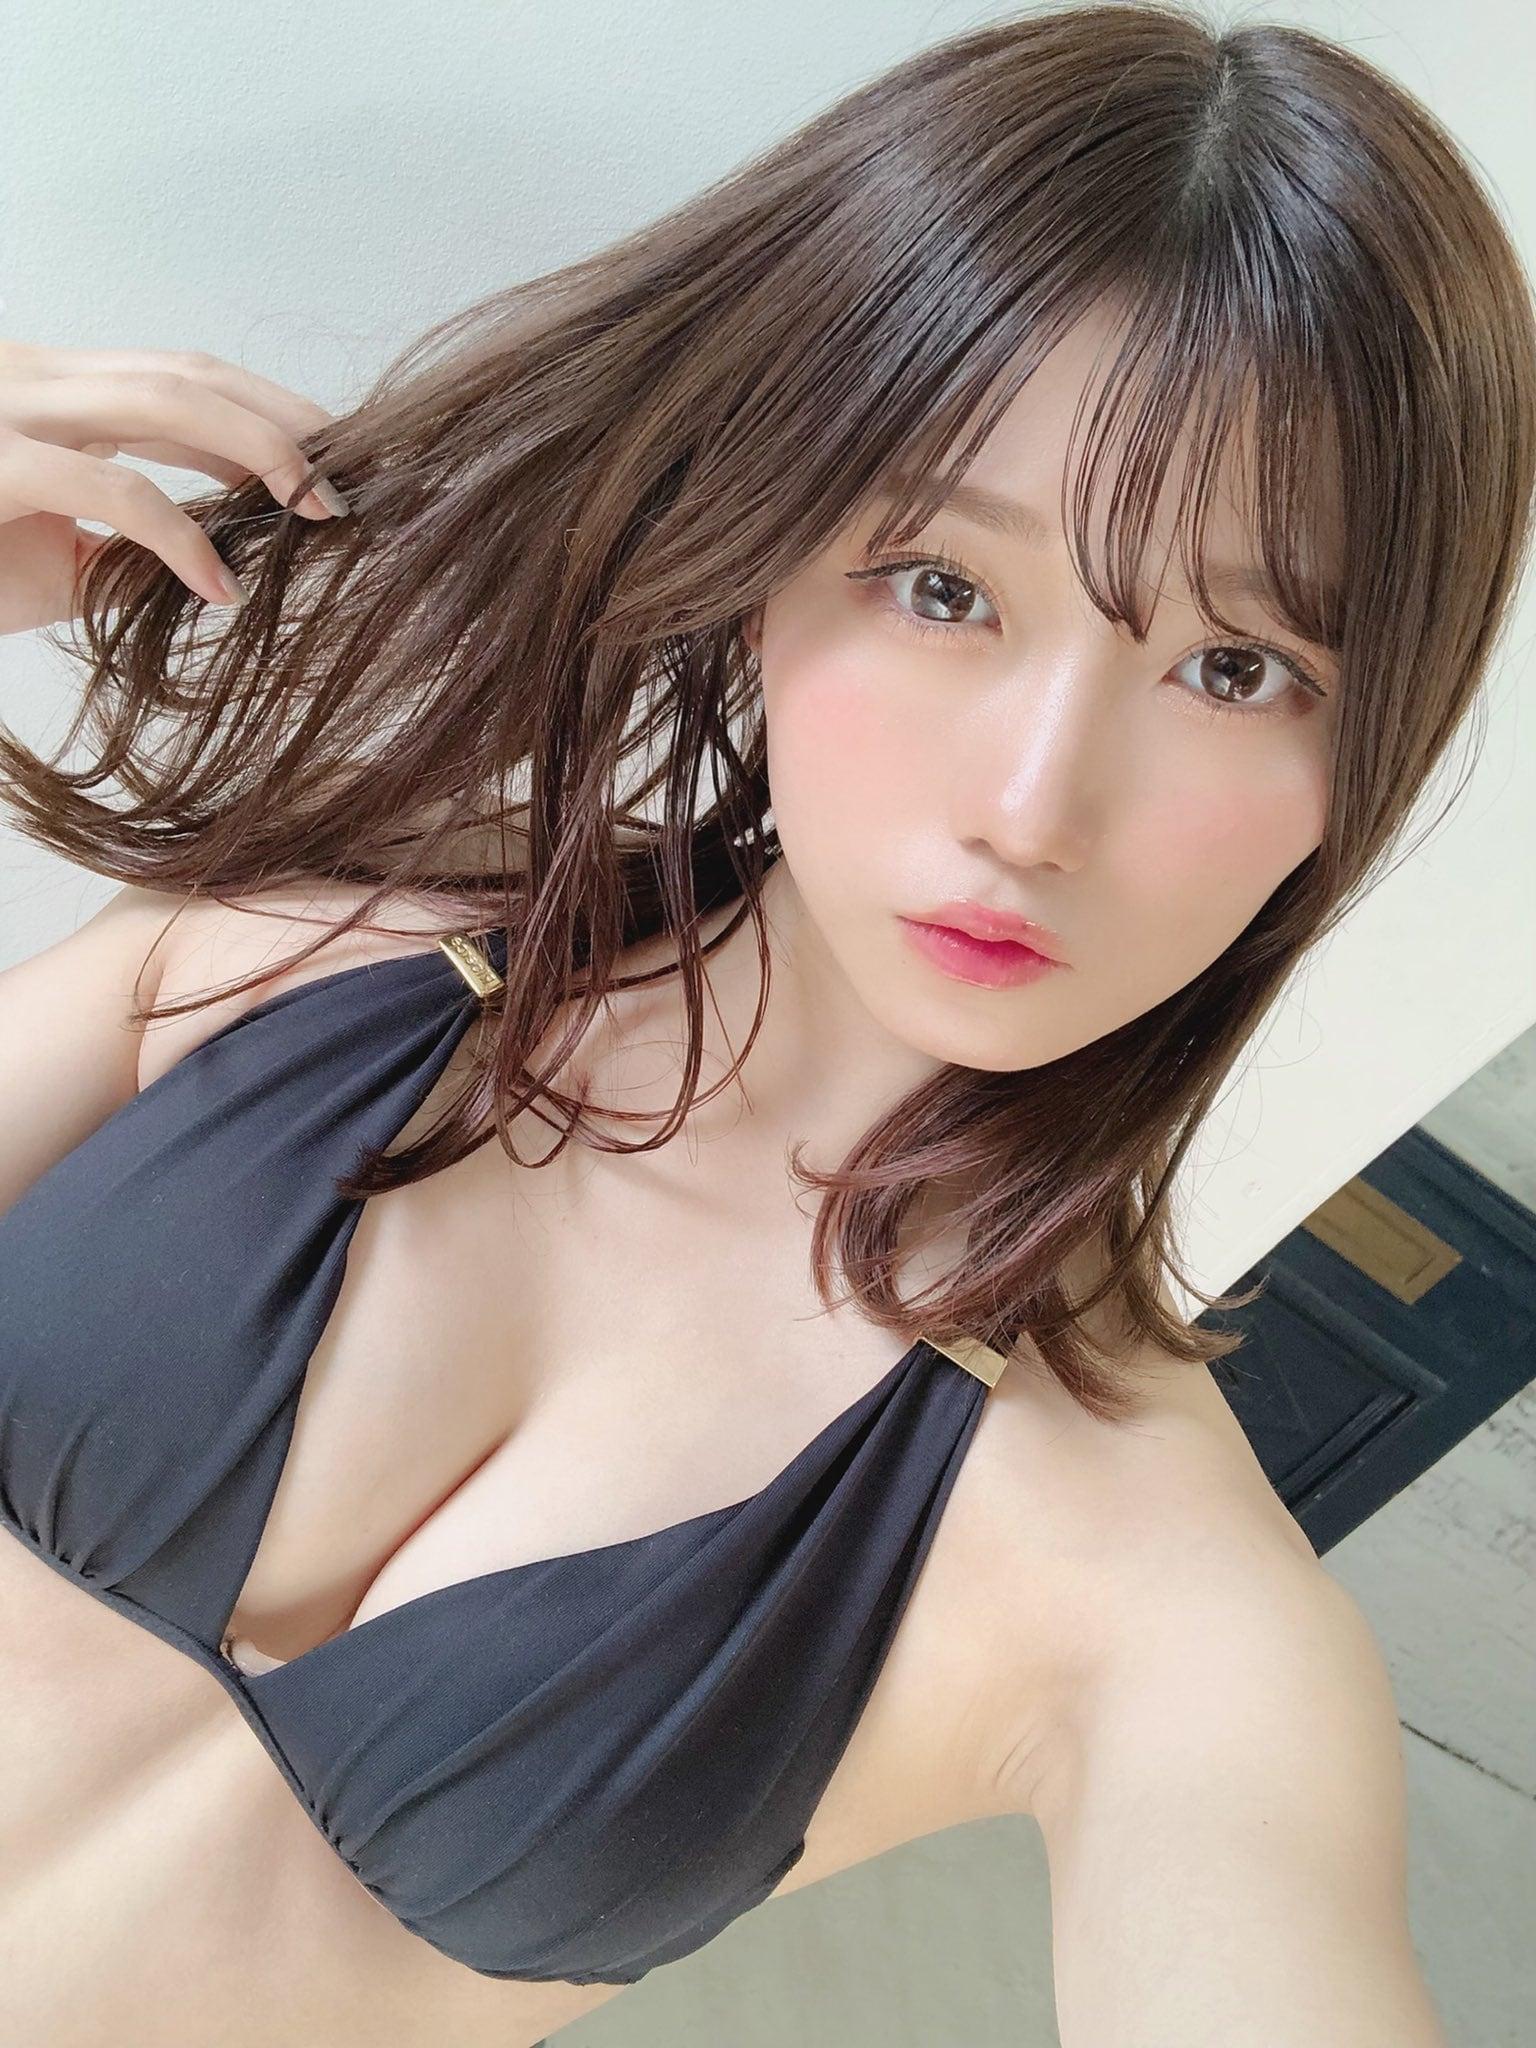 NMB48菖蒲まりん「オトナなホルターネックにドキッ…」グラビアのオフショットを披露【画像2枚】の画像002